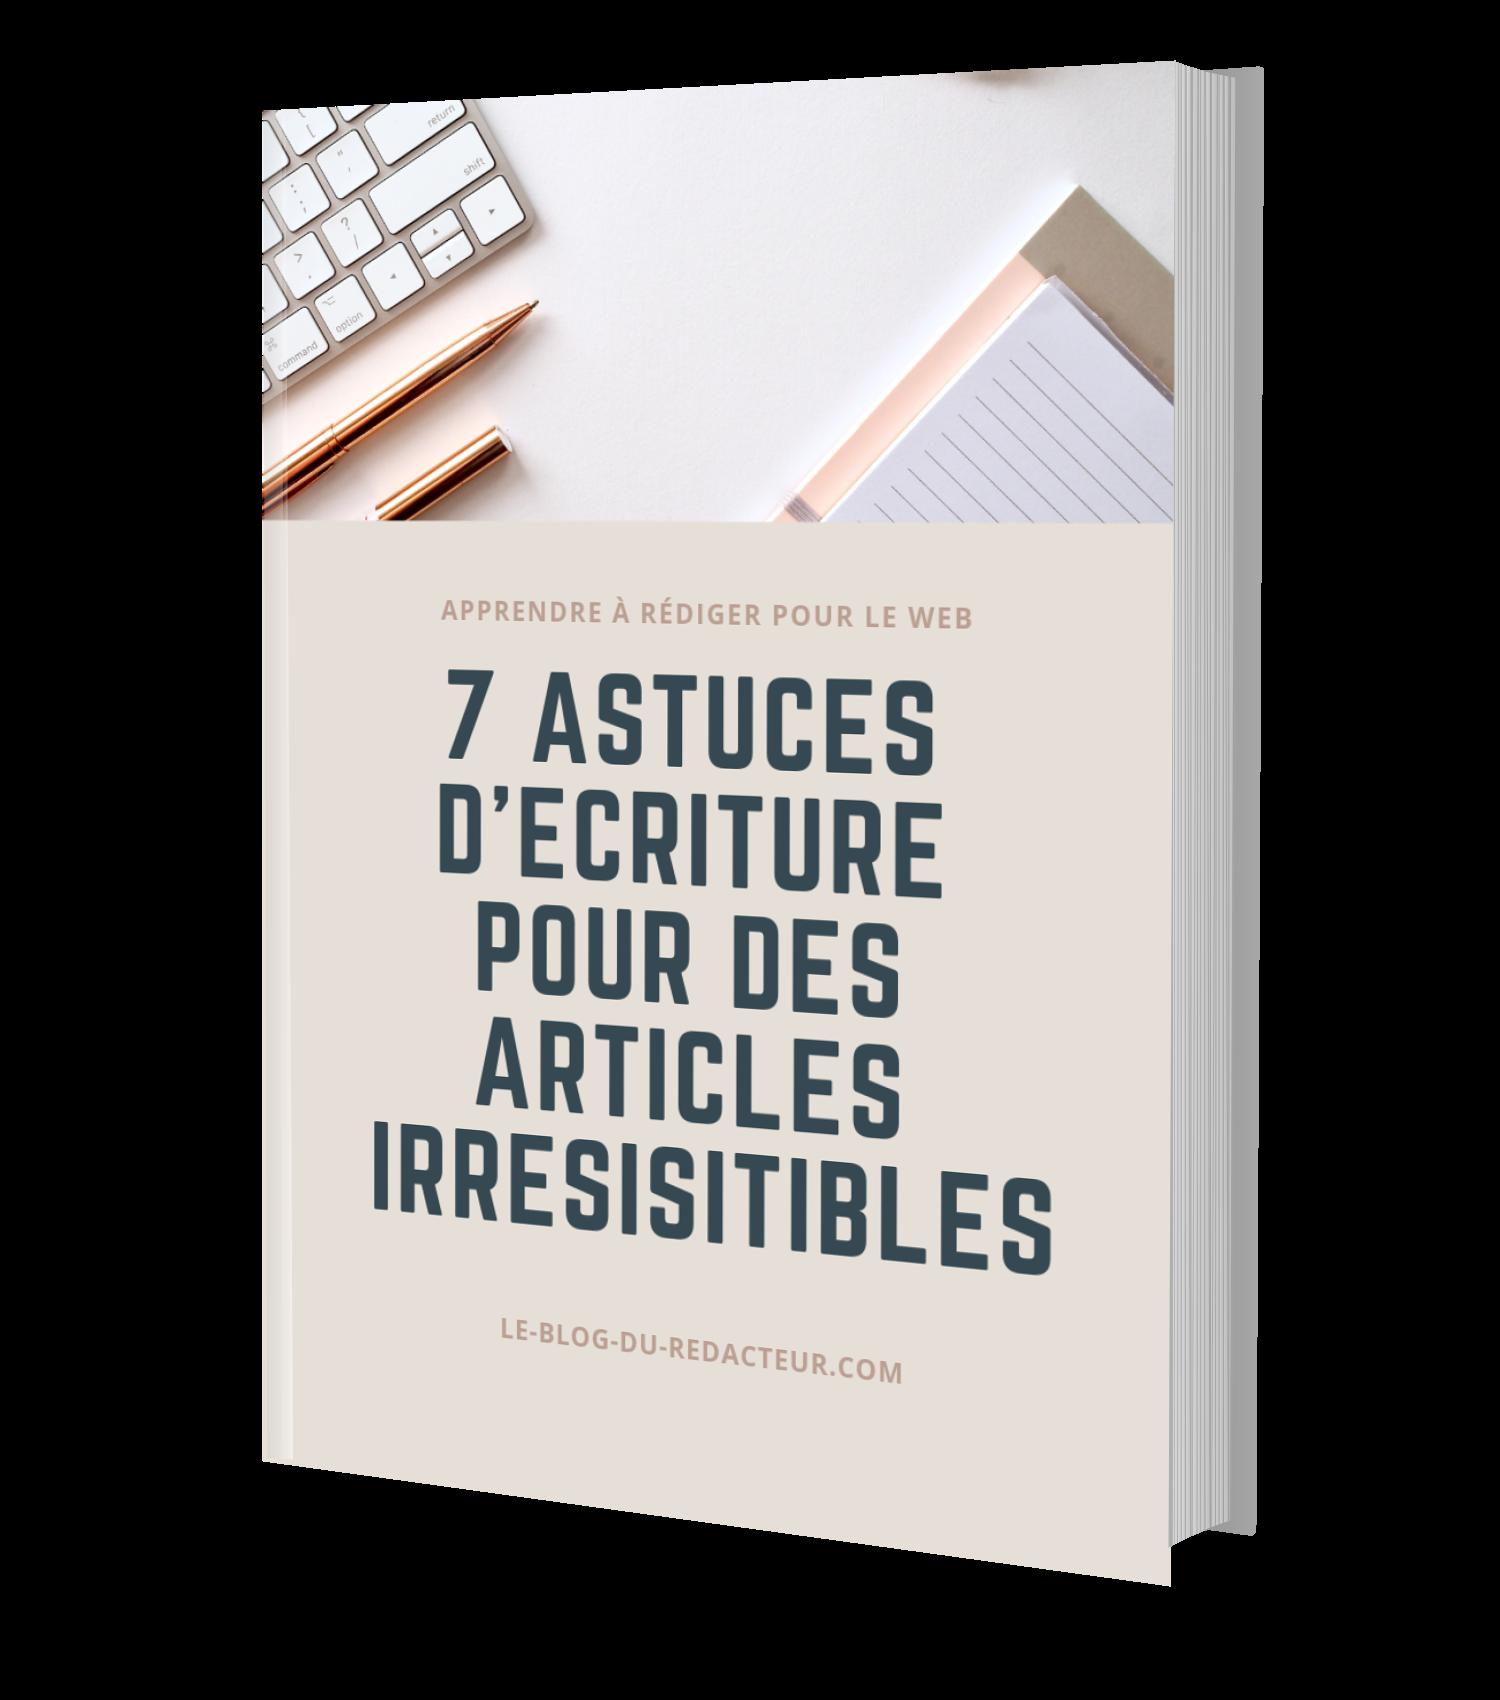 7 astuces d'écriture